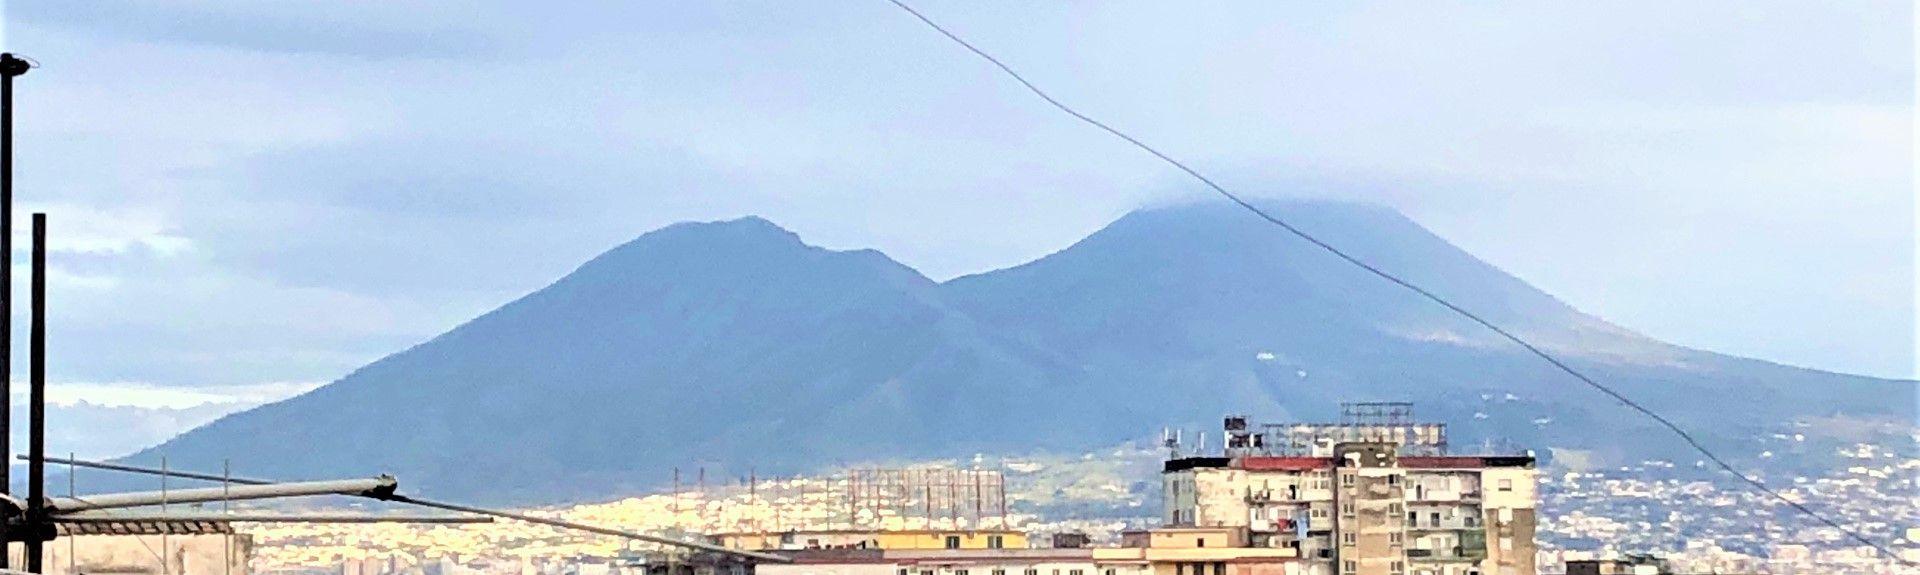 Decumani, Napoli, Campania, Italia